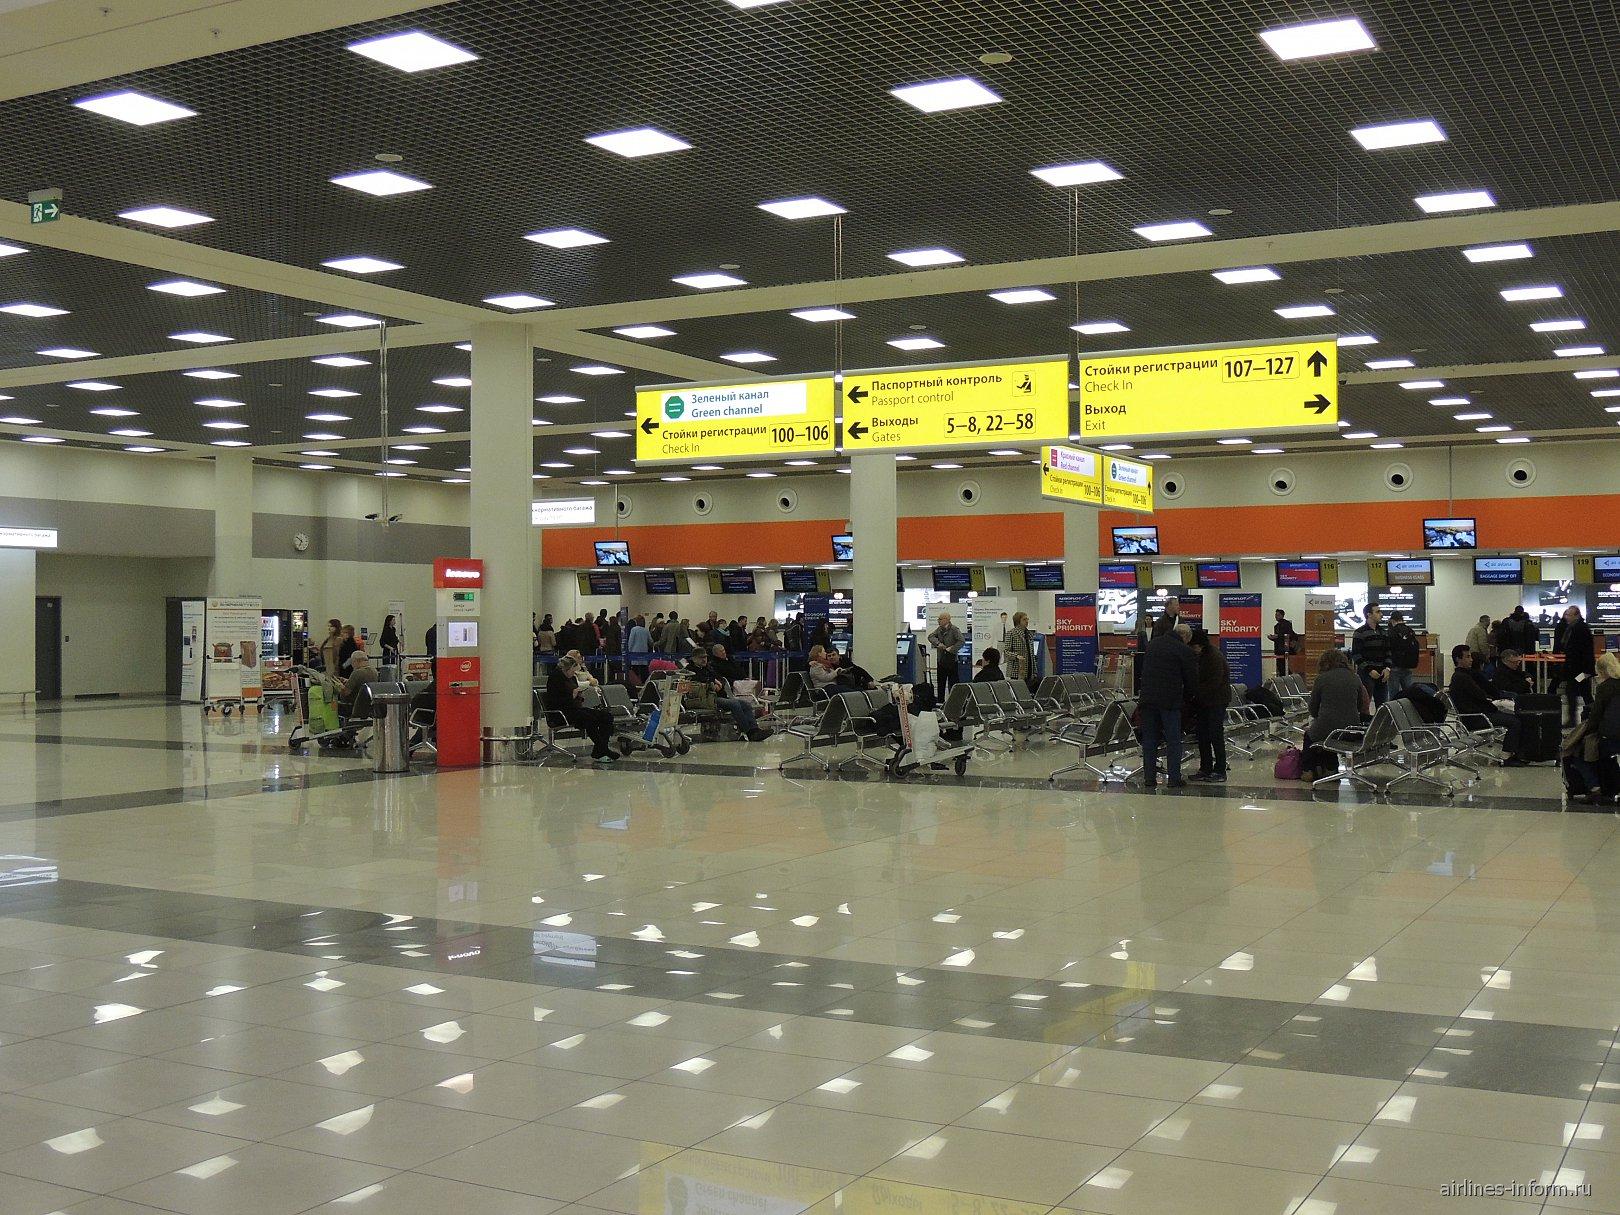 Зона регистрации в терминале Е аэропорта Москва Шереметьево